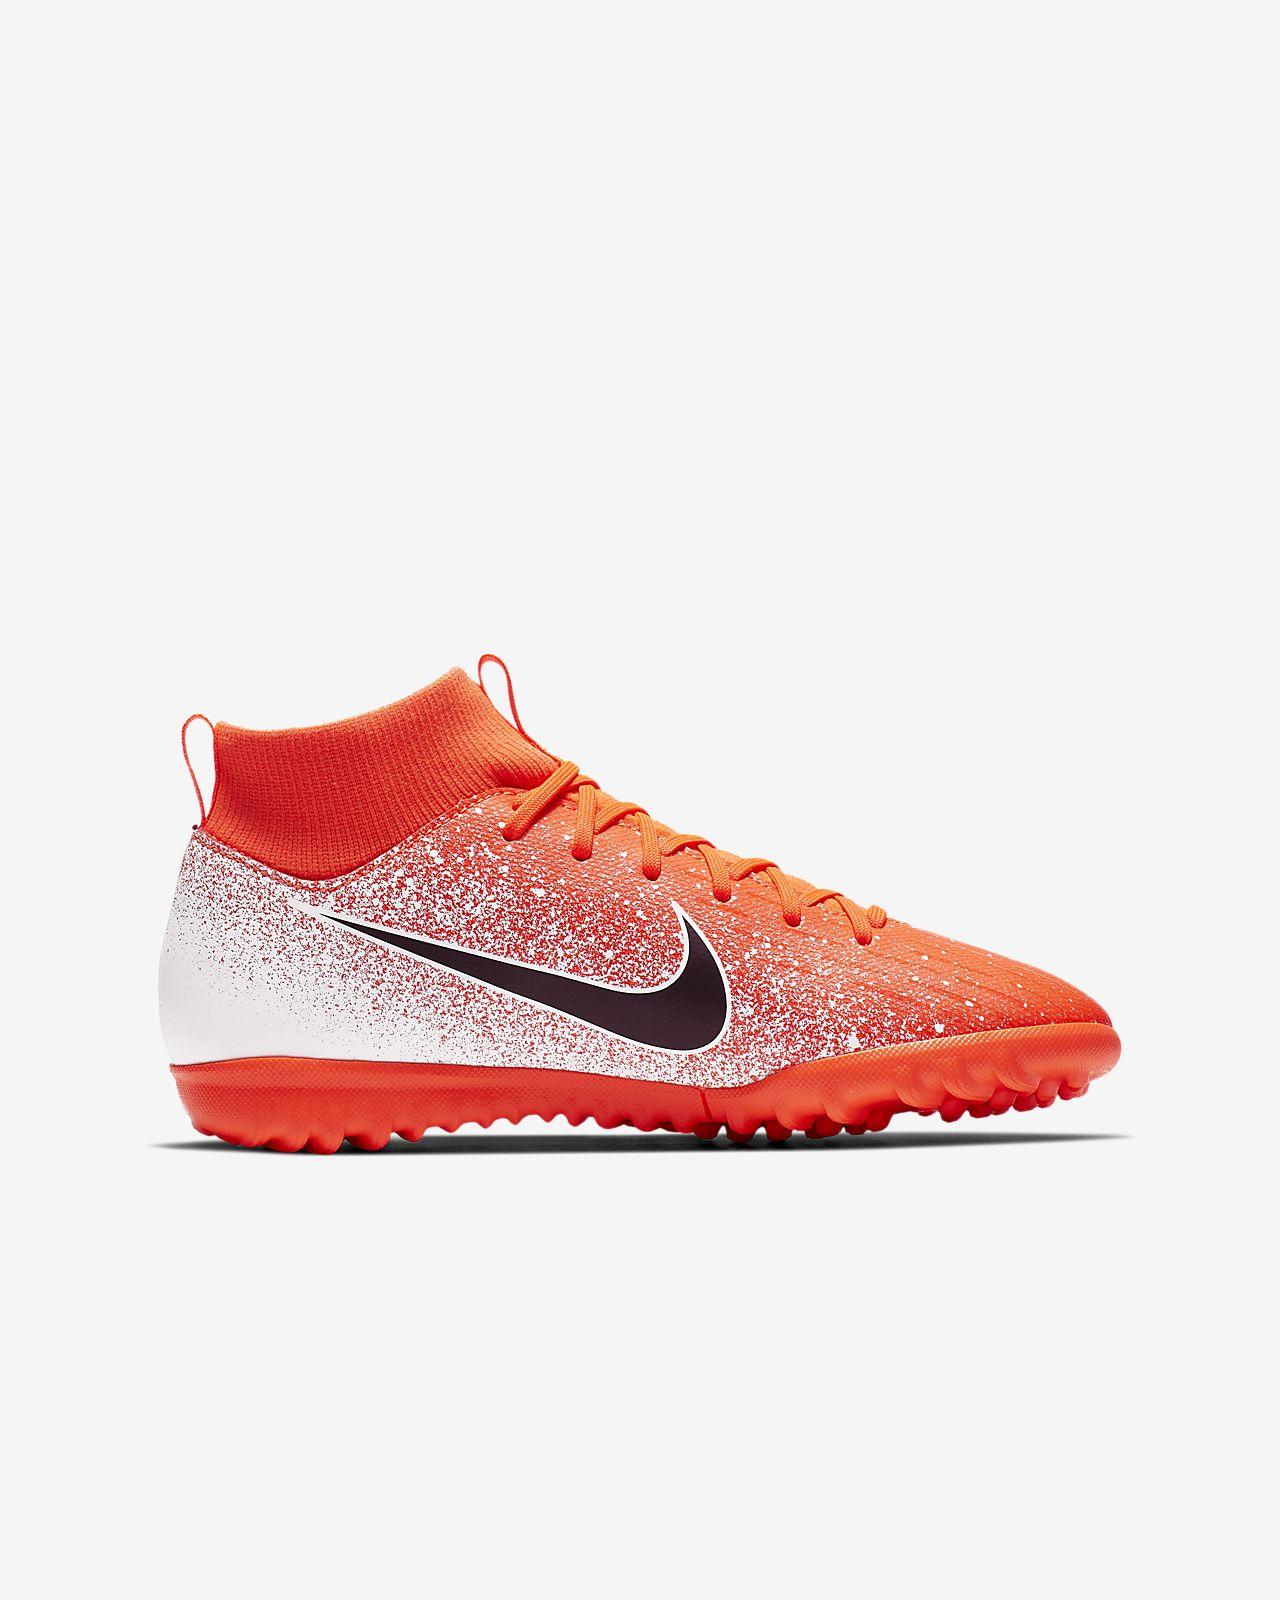 the latest 92a53 8ad40 ... Nike Jr. SuperflyX 6 Academy TF Botas de fútbol para hierba artificial  o moqueta -